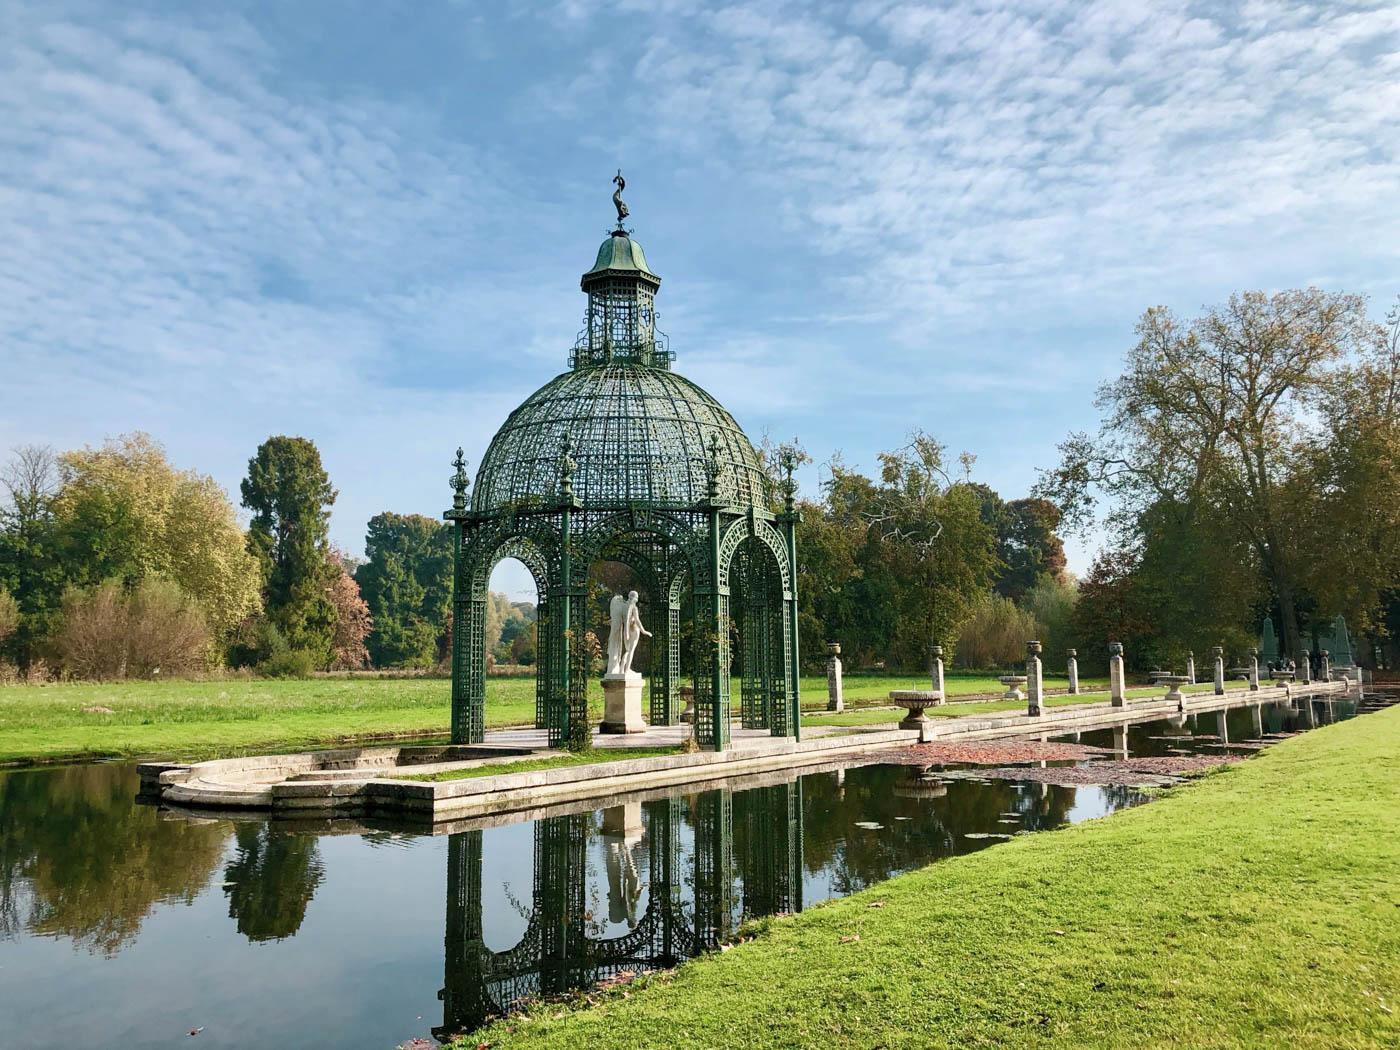 une-bonne-maison-chantilly-castle-french-chateau-treillage